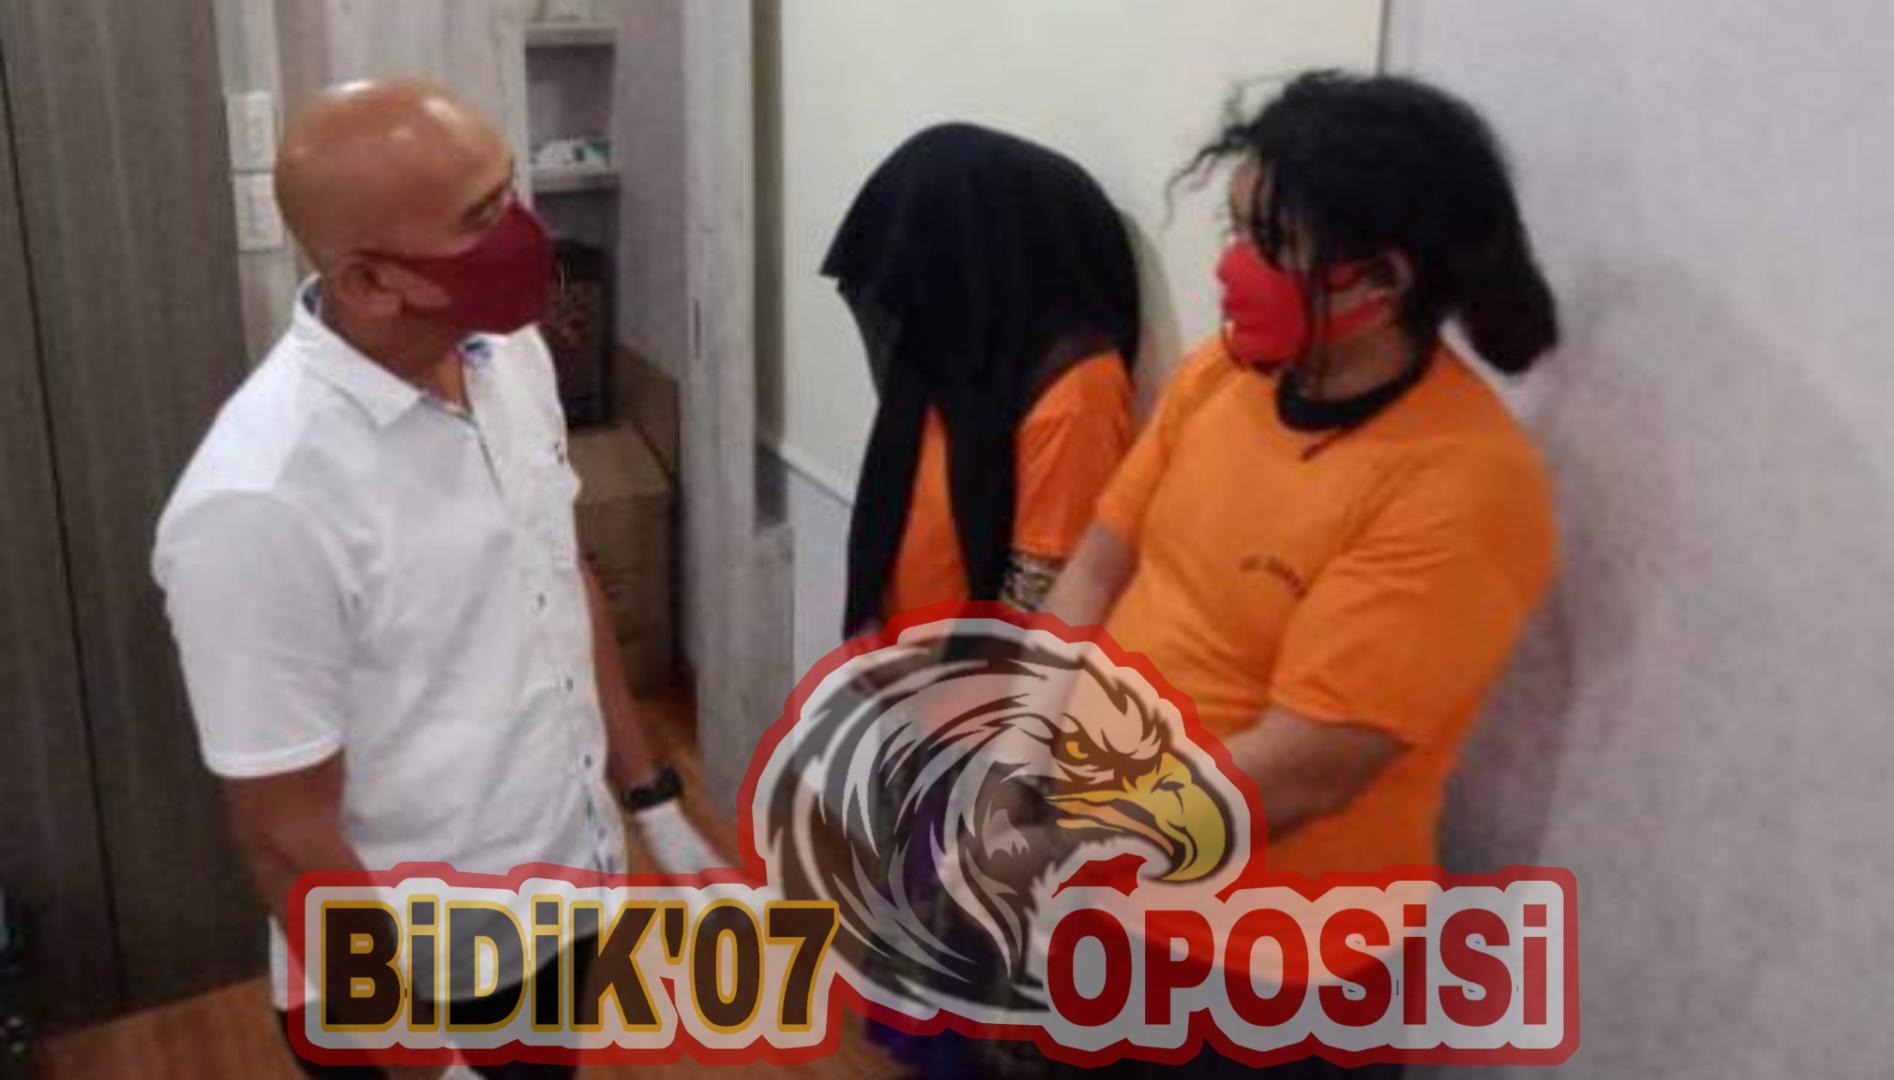 Satresnarkoba Polrestabes Medan Berhasil Mengamankan 750 Gram Narkotika Jenis Sabu – Sabu